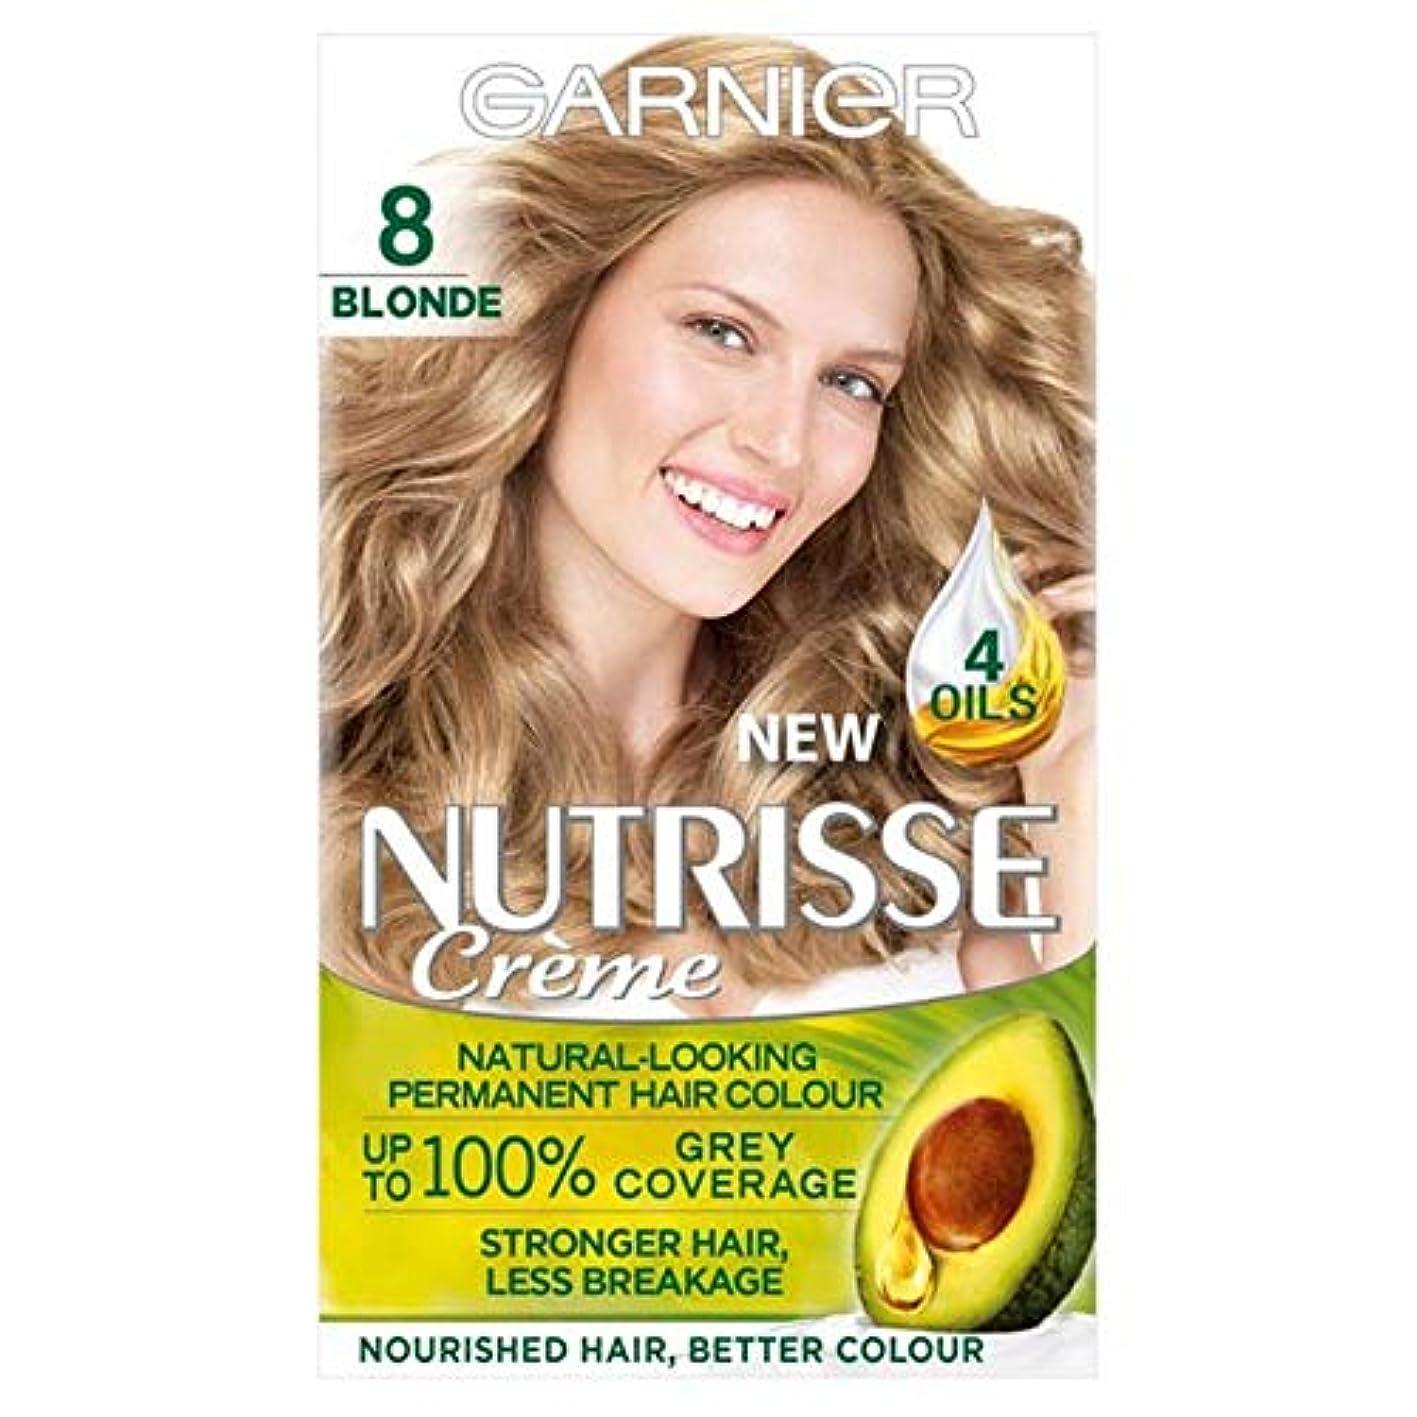 説教船員容疑者[Nutrisse] 8ブロンドの永久染毛剤Nutrisseガルニエ - Garnier Nutrisse 8 Blonde Permanent Hair Dye [並行輸入品]